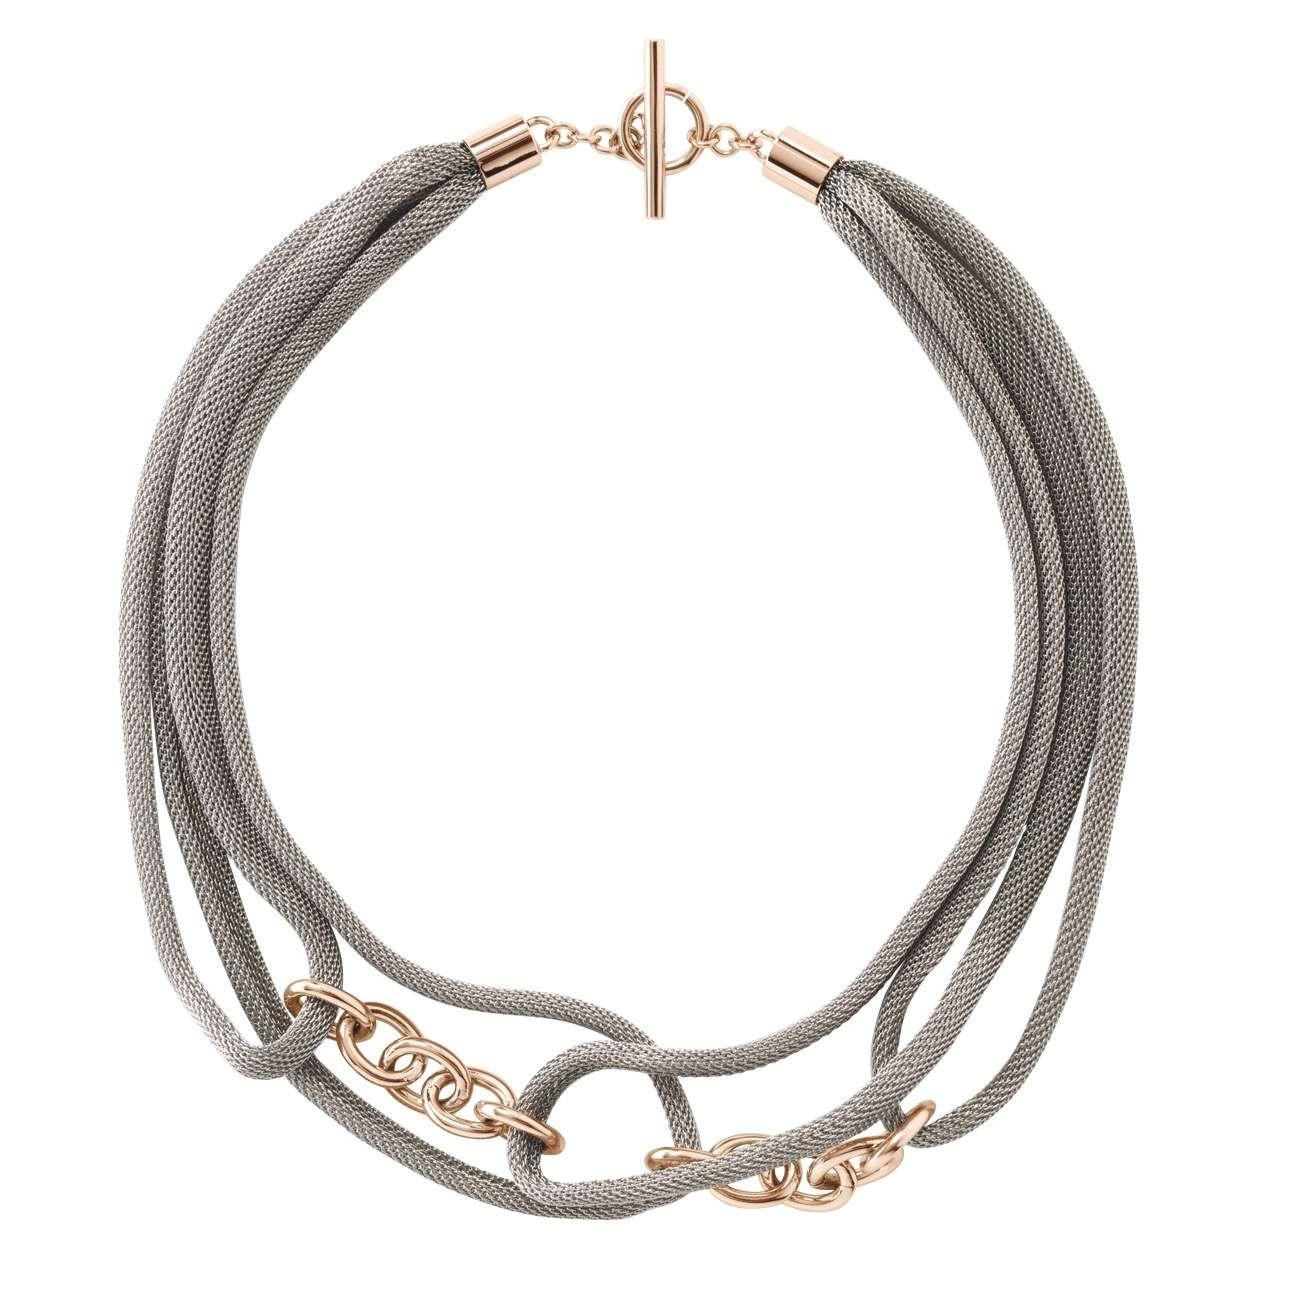 PIPPAJEAN Collar Woven Steel PVP69euros